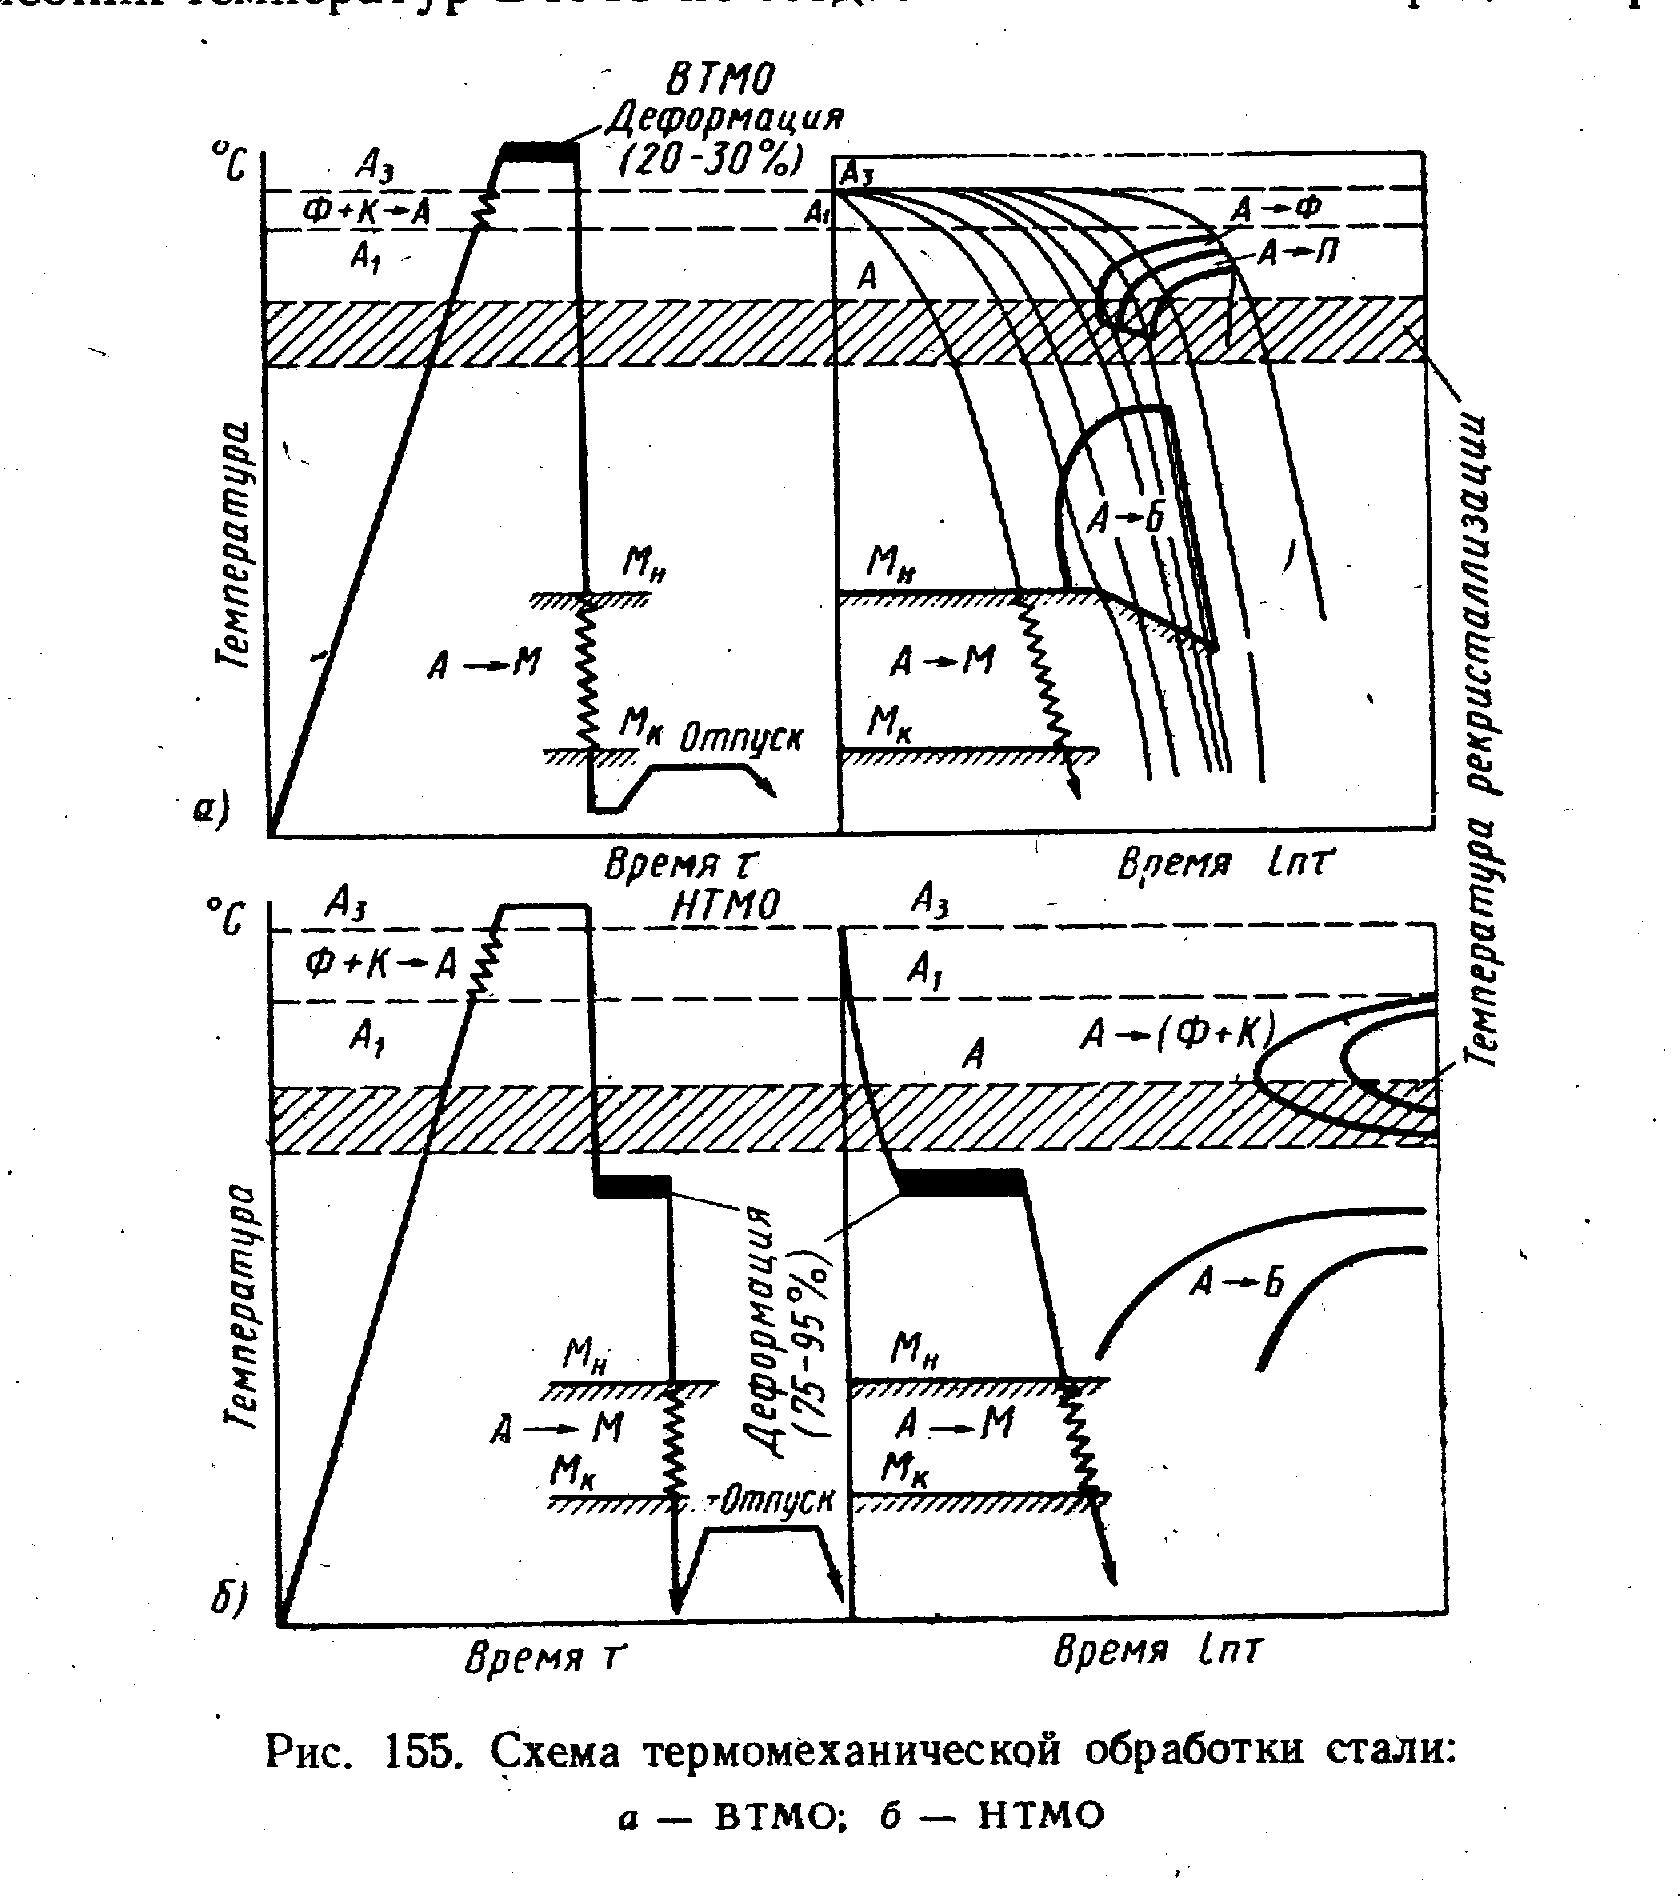 Схема режимов термомеханической обработки стали